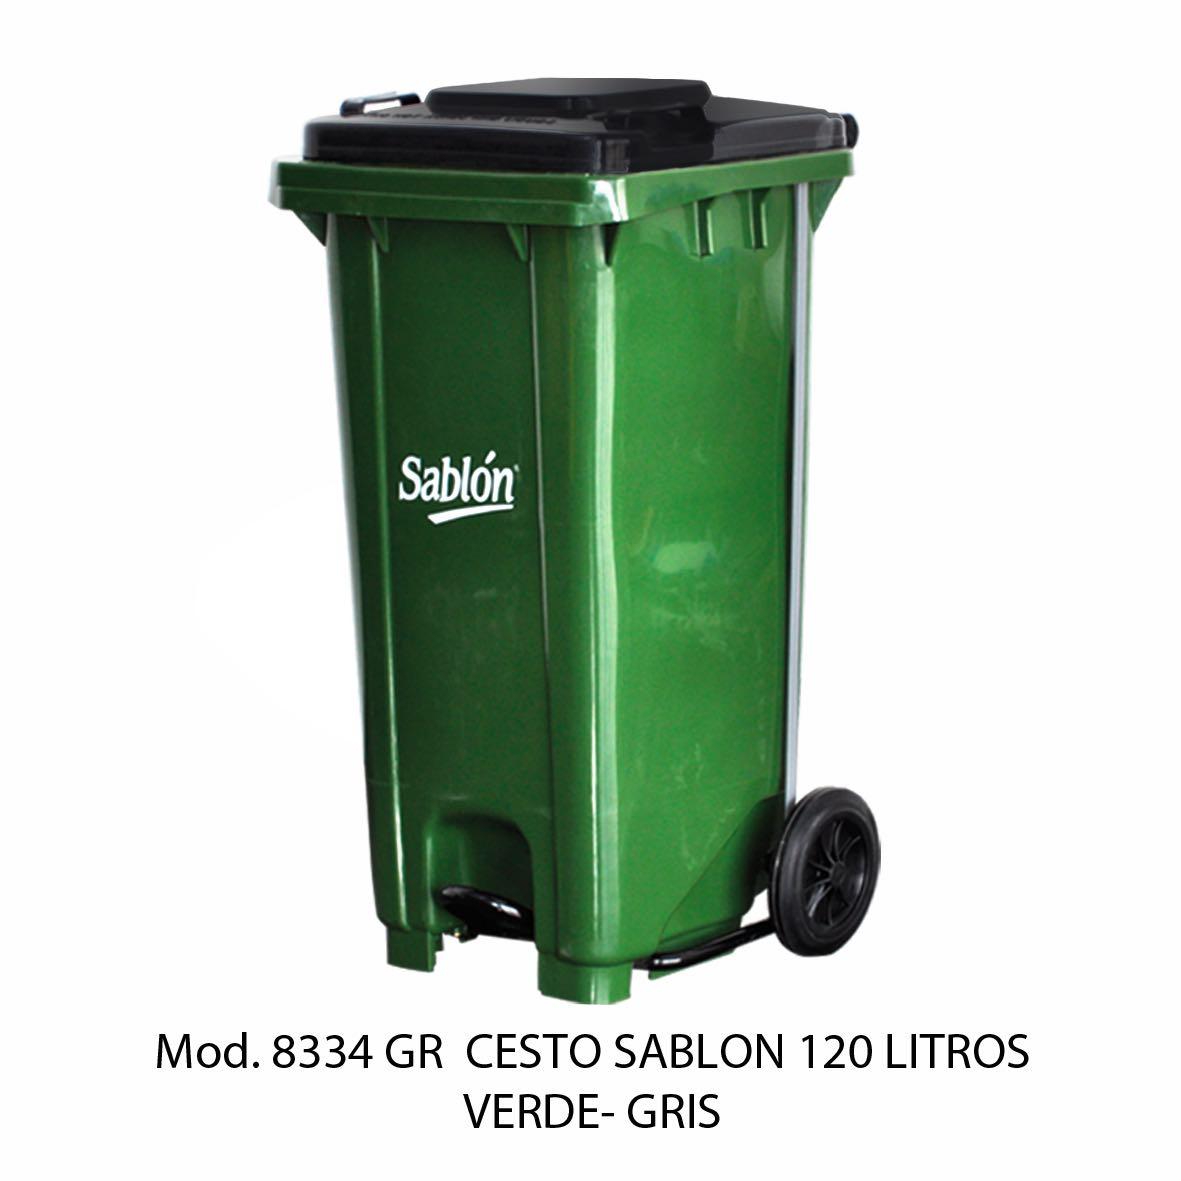 Contenedor para basura de 120 litros cuerpo verde y tapa gris - Modelo 8334 GR - Sablón